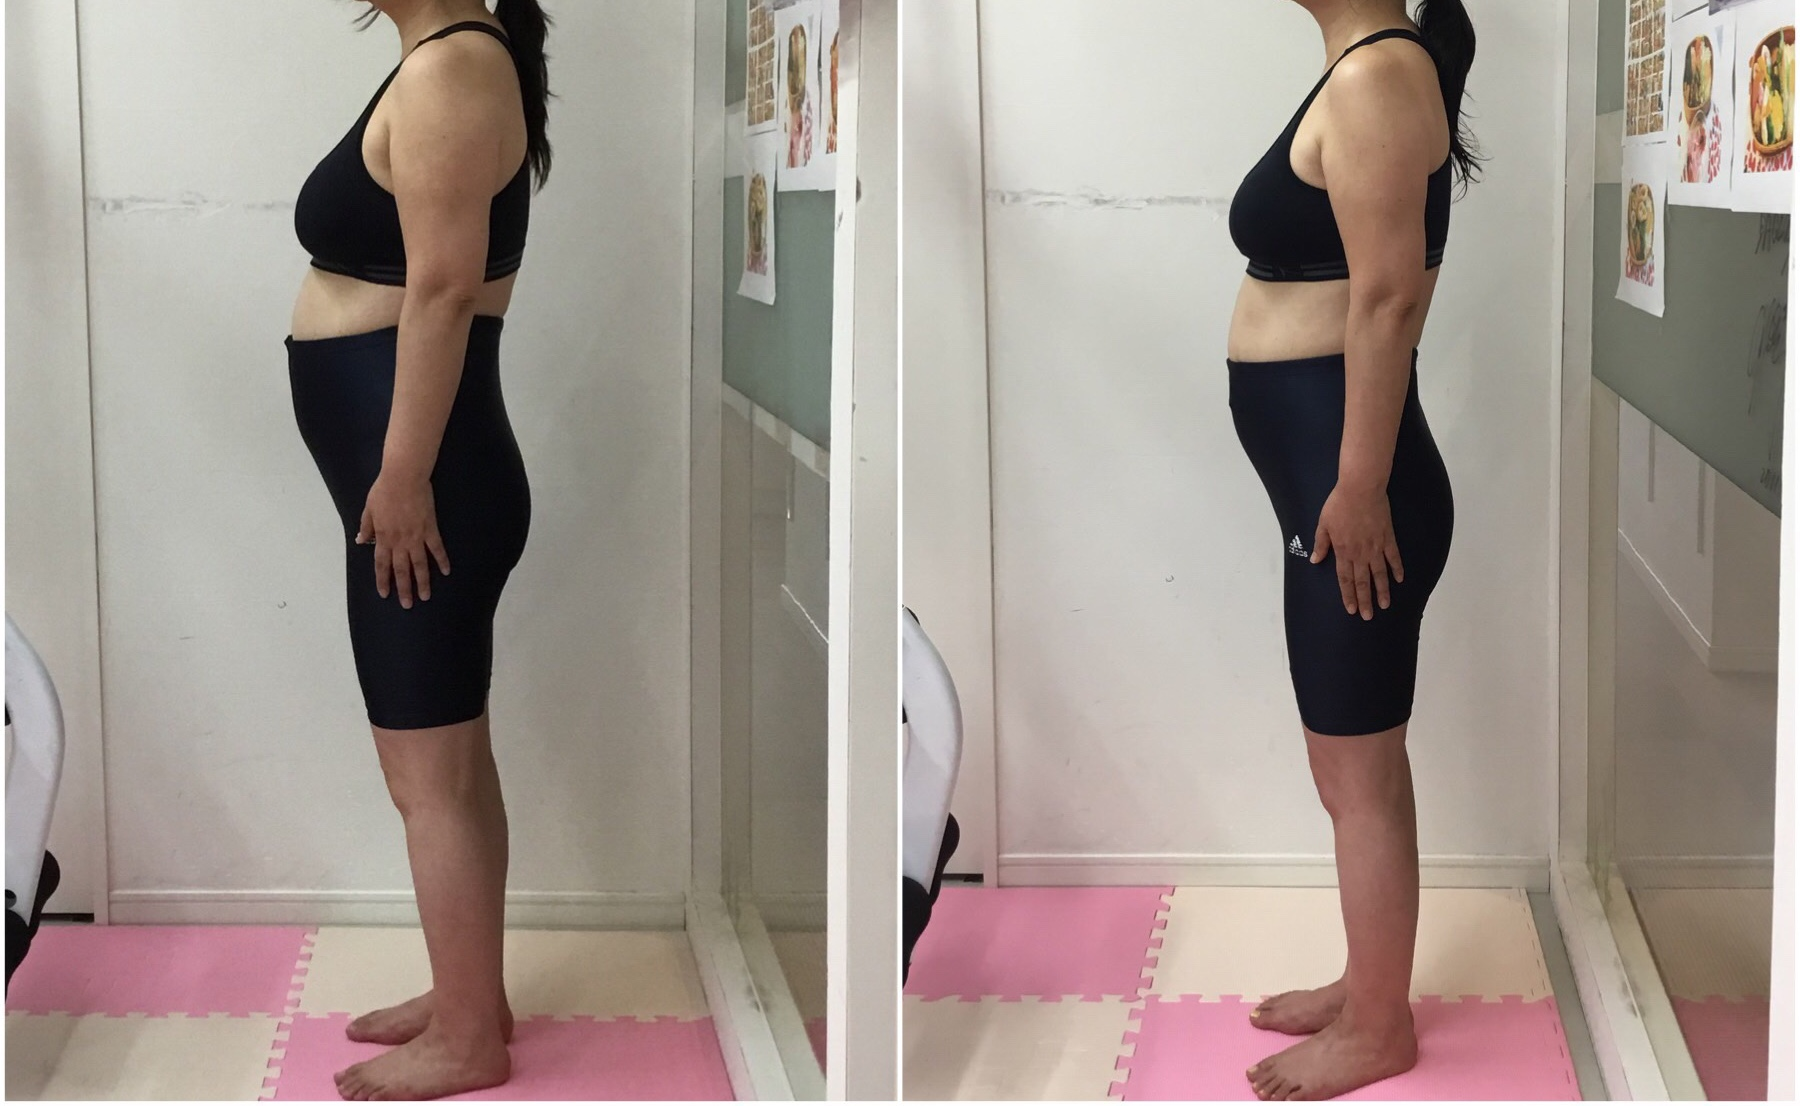 脂肪が減る、女性専用のトレーニングでダイエット